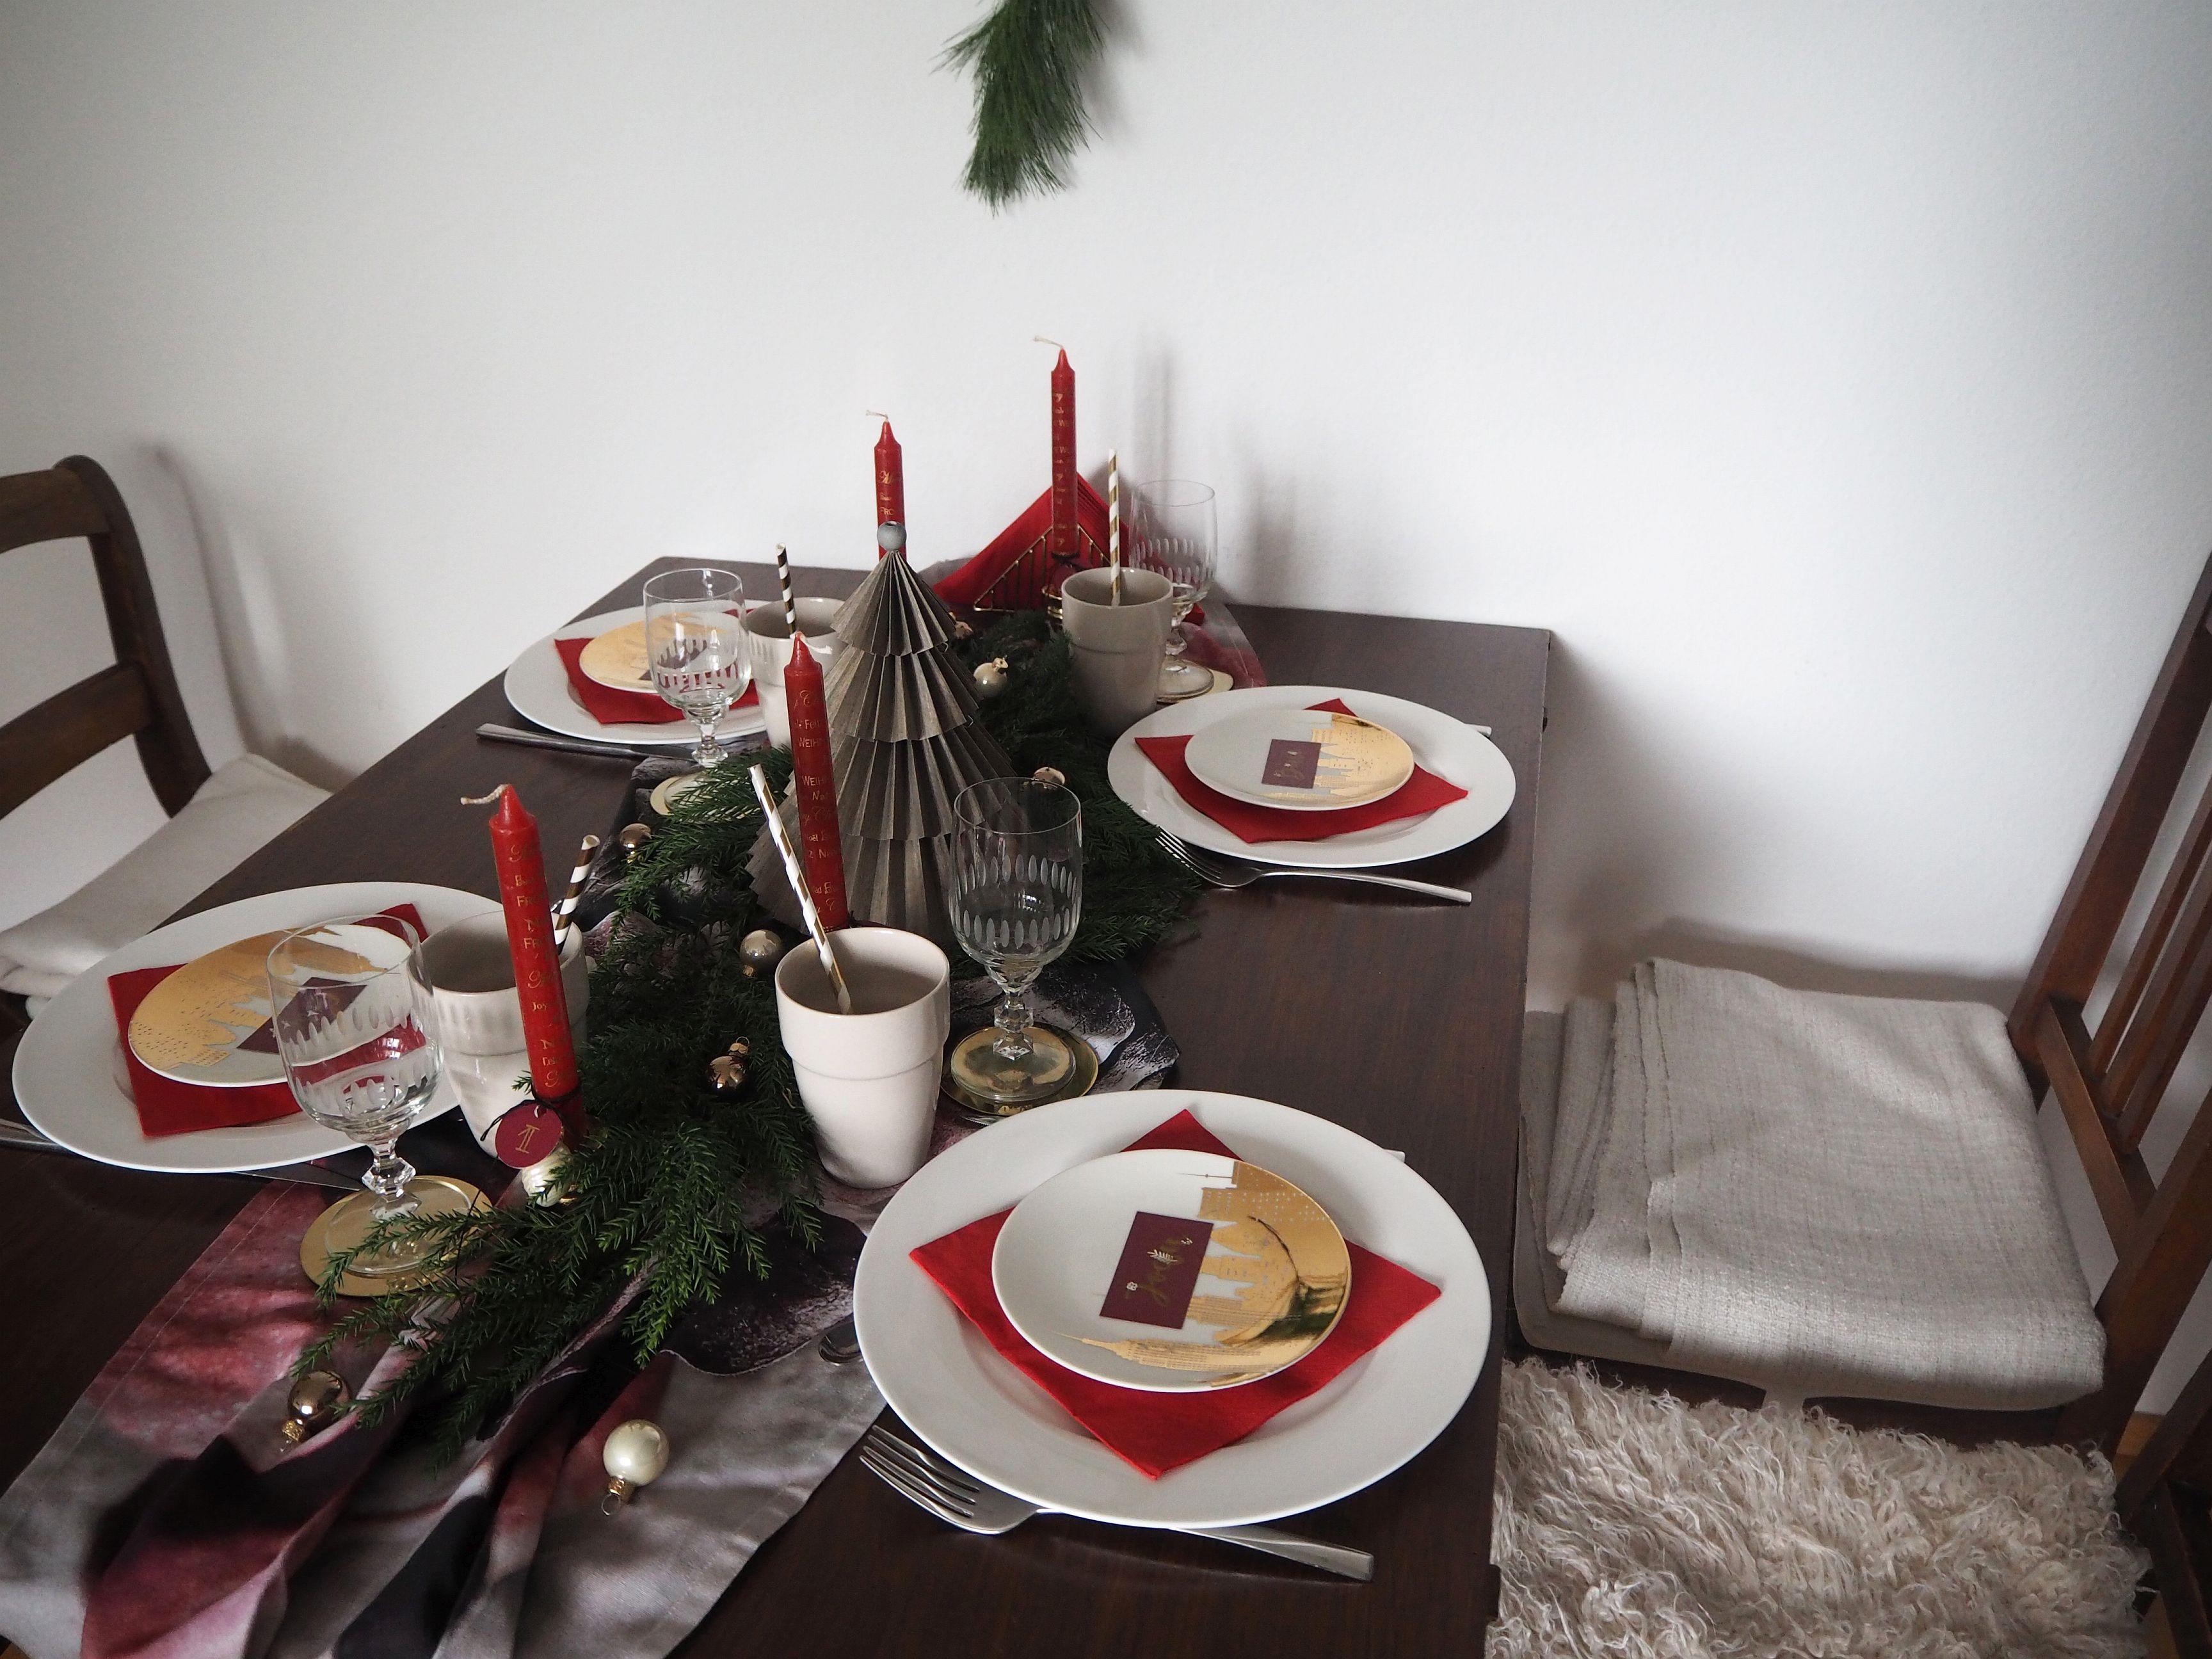 2017-12-skoen-och-kreativ-interior-tischdeko-klassisch-rot-weihnachtstisch (14)